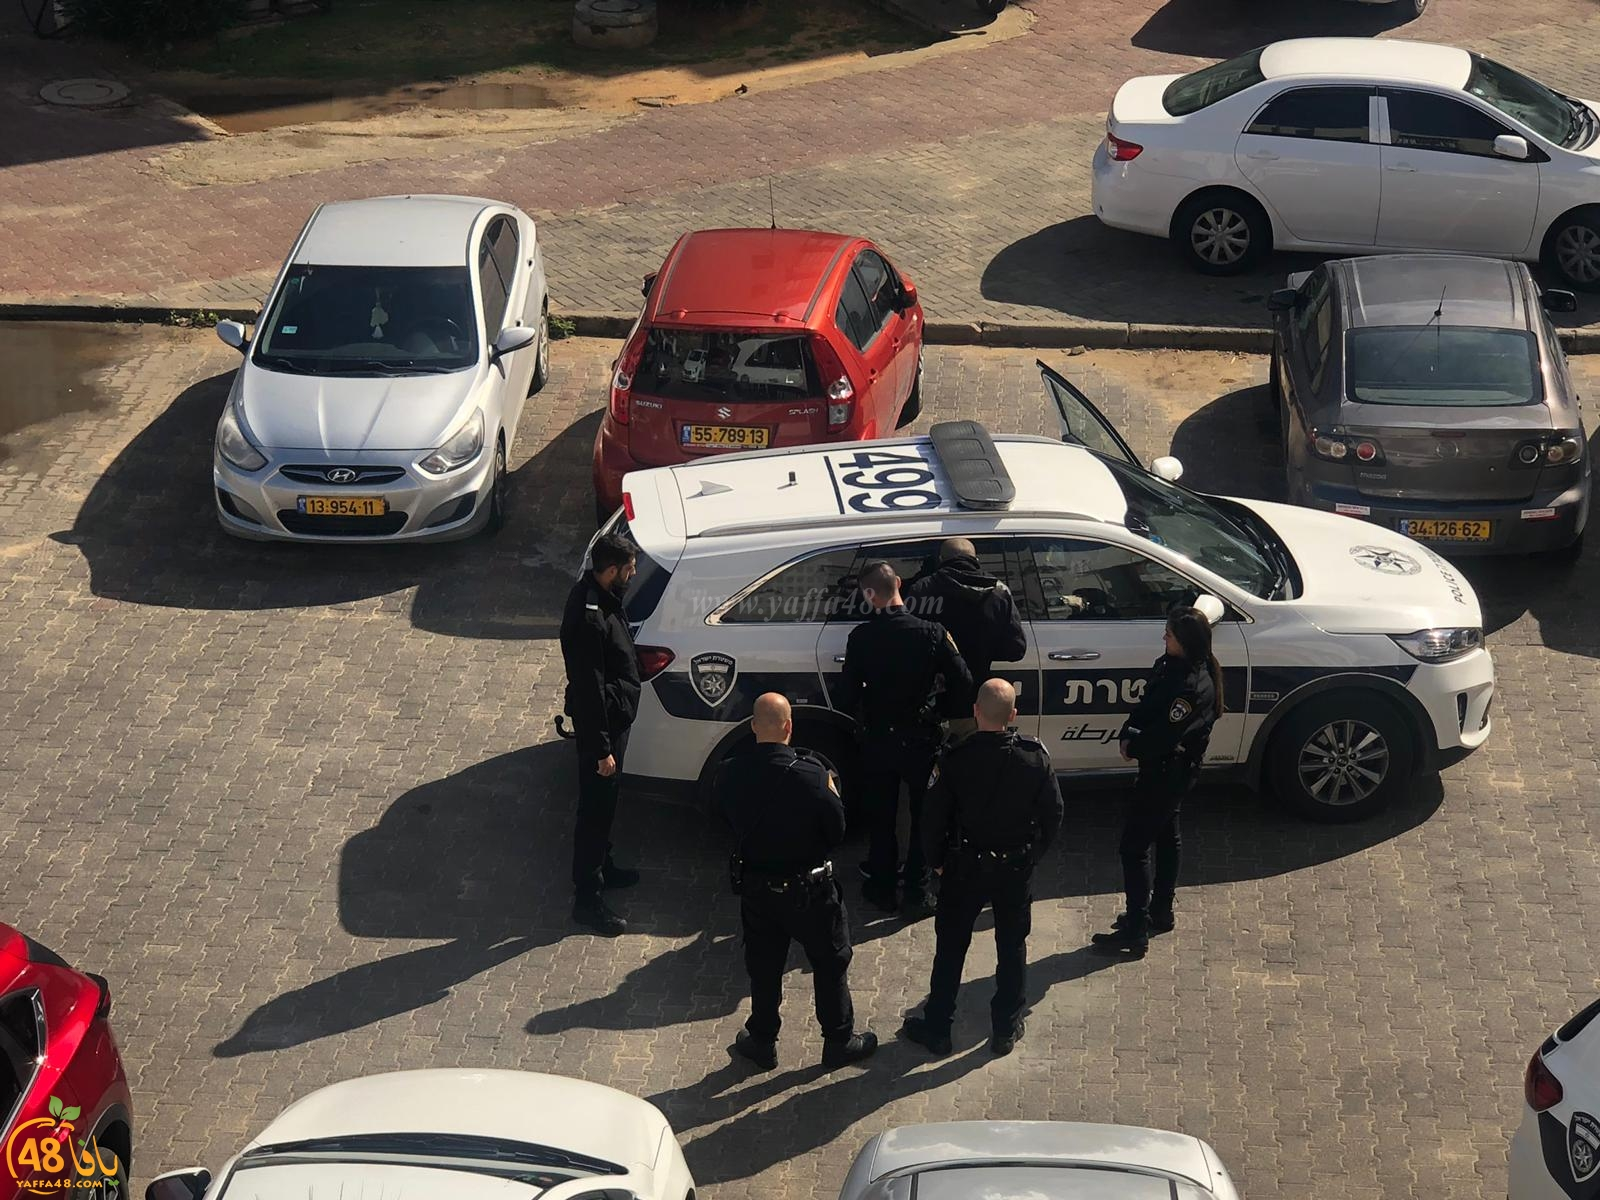 فيديو: اعتقال شاب بعد الاعتداء عليه في حي الجبلية بيافا